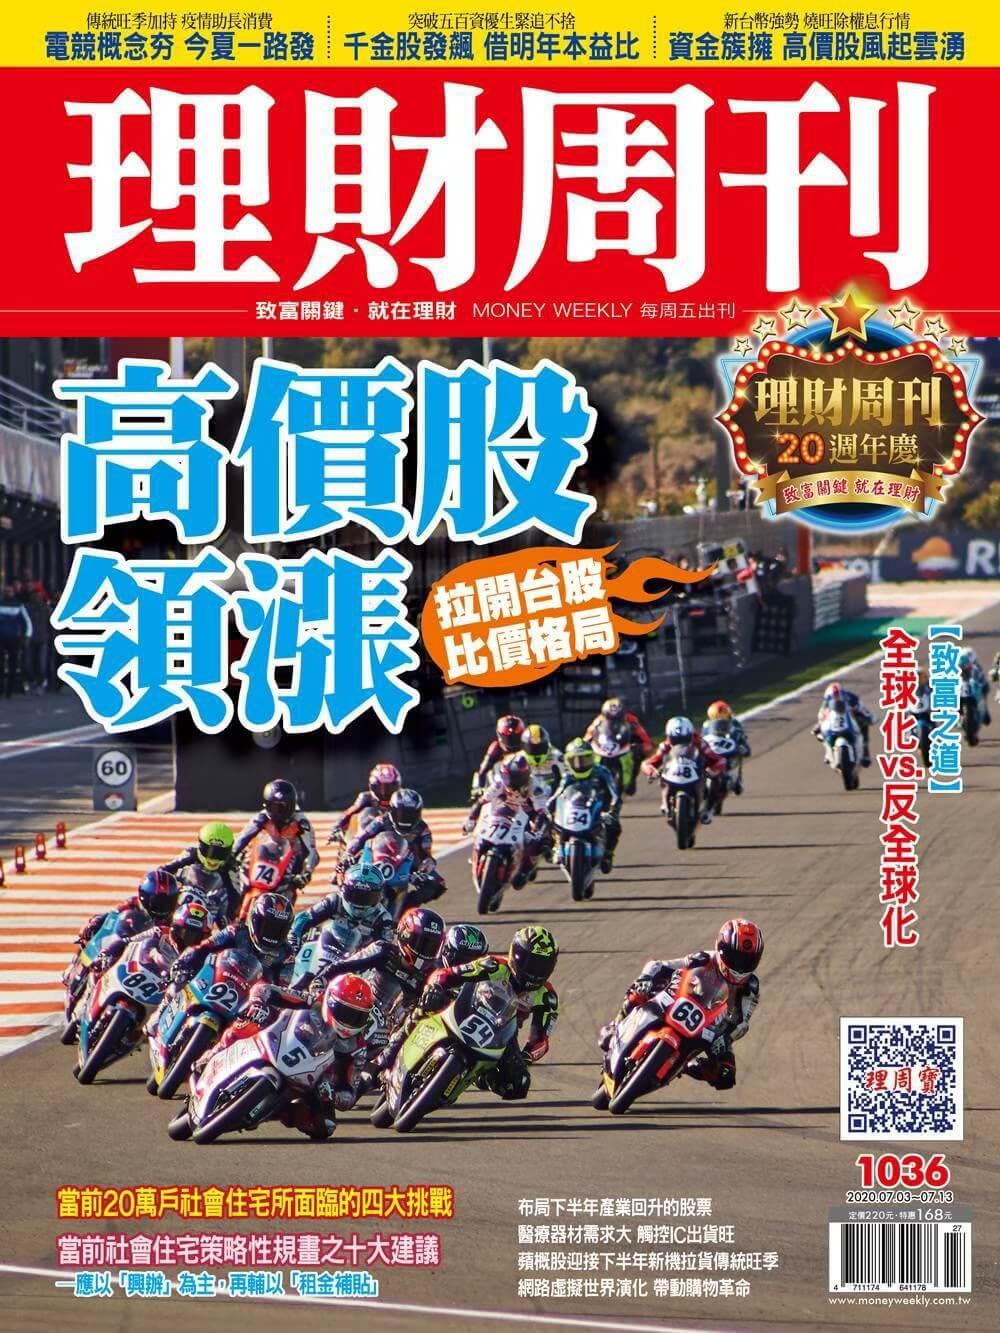 理財周刊雜誌專訪1036期婕樂纖